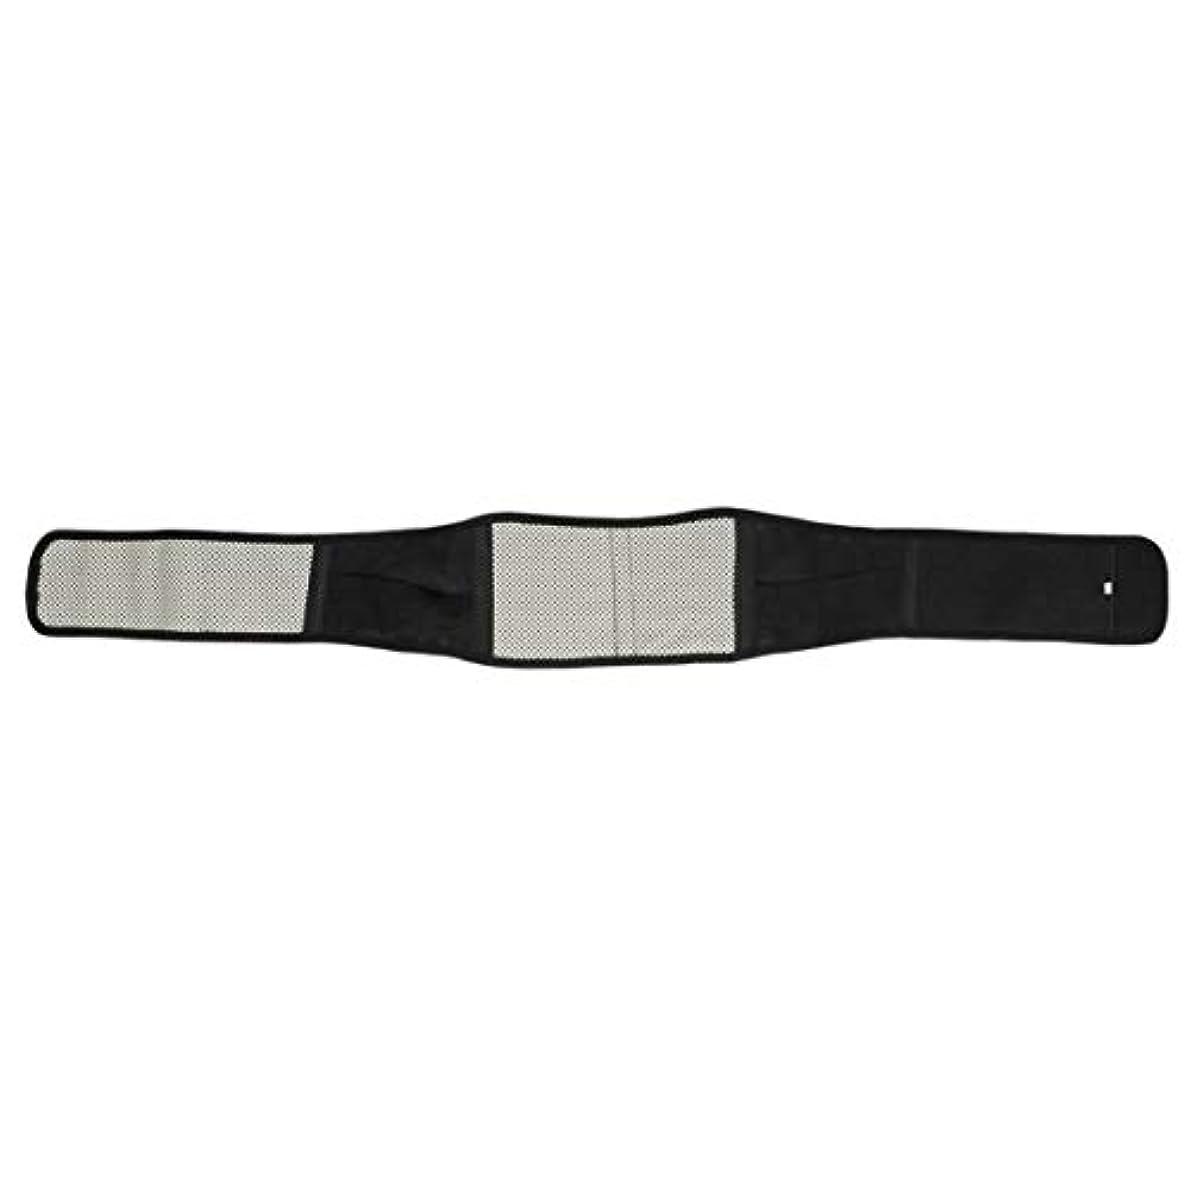 夜の動物園キャリア干ばつ腰部サポートマッサージャー赤外線磁気バックブレース自己発熱療法ウエストベルト調節可能な姿勢ベルト-ブラックM